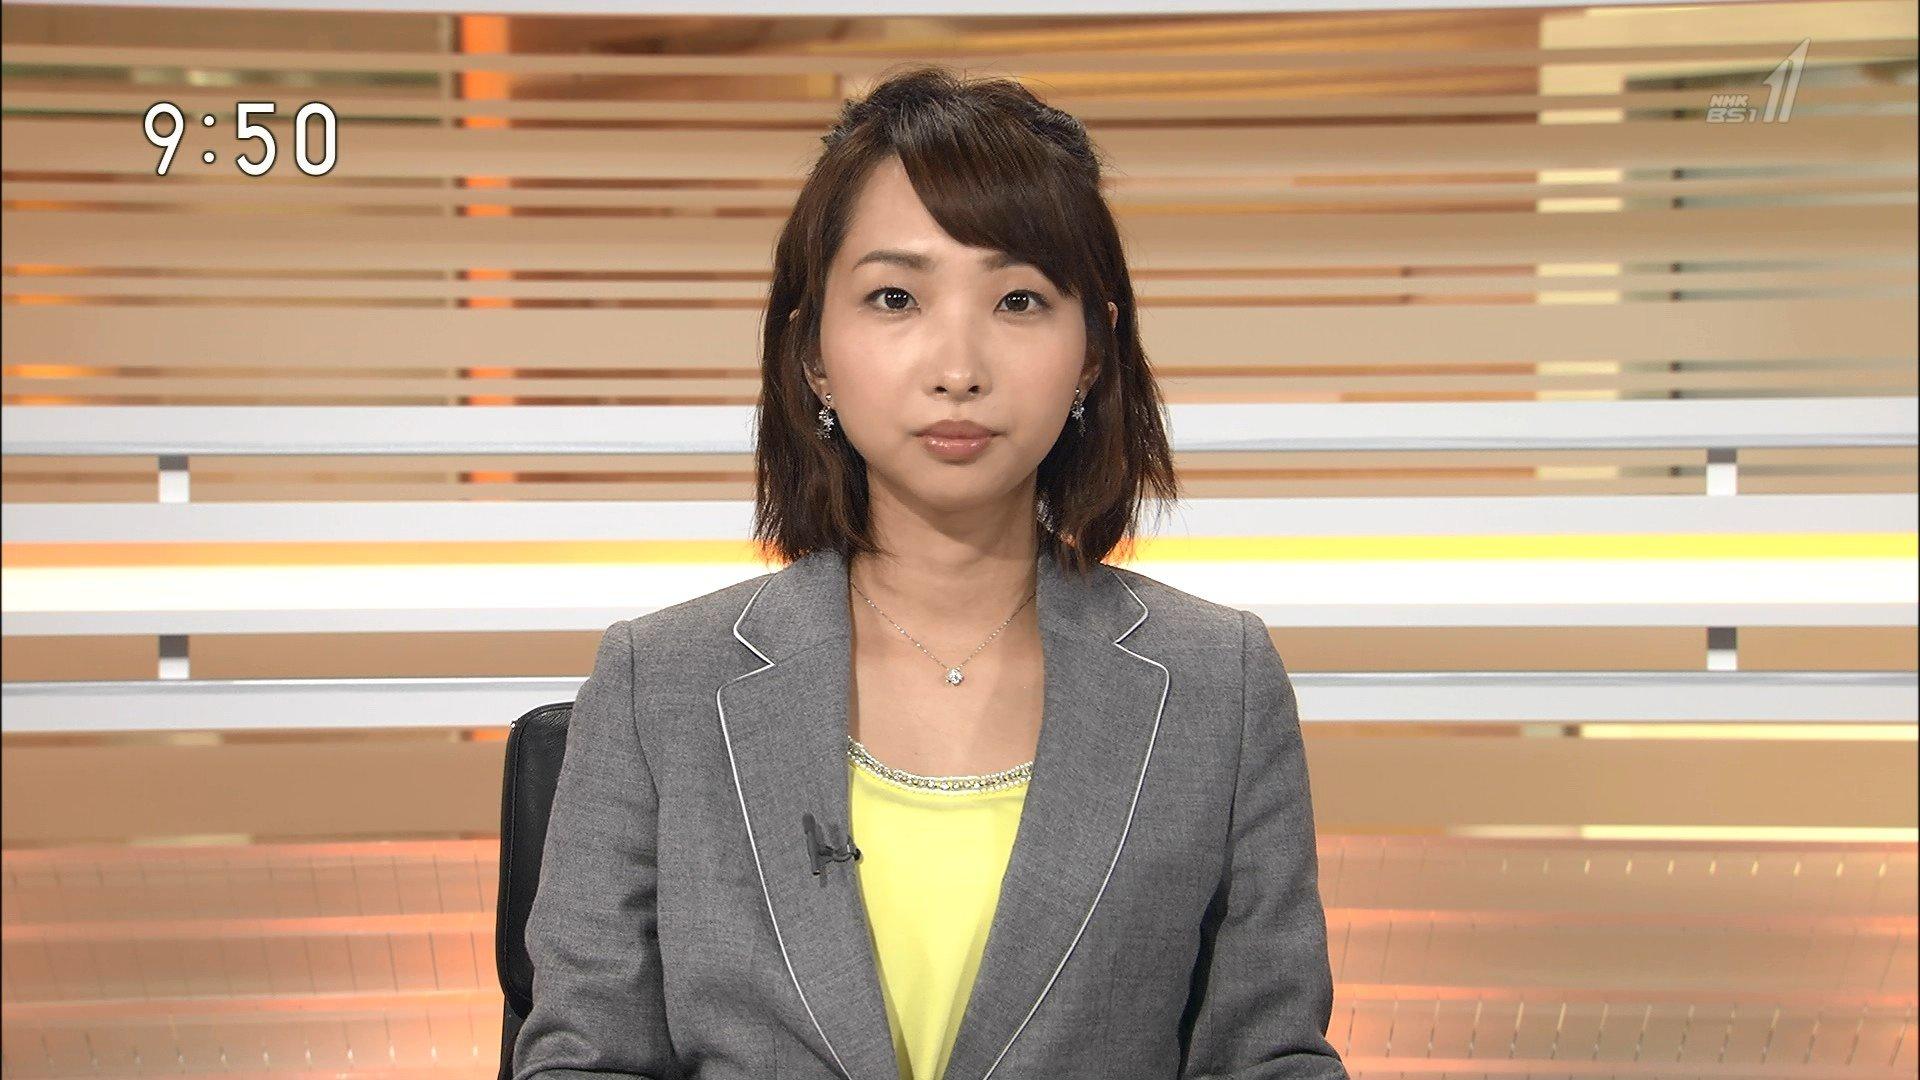 NHK BSニュースアナウンサー何方がお好みですか …